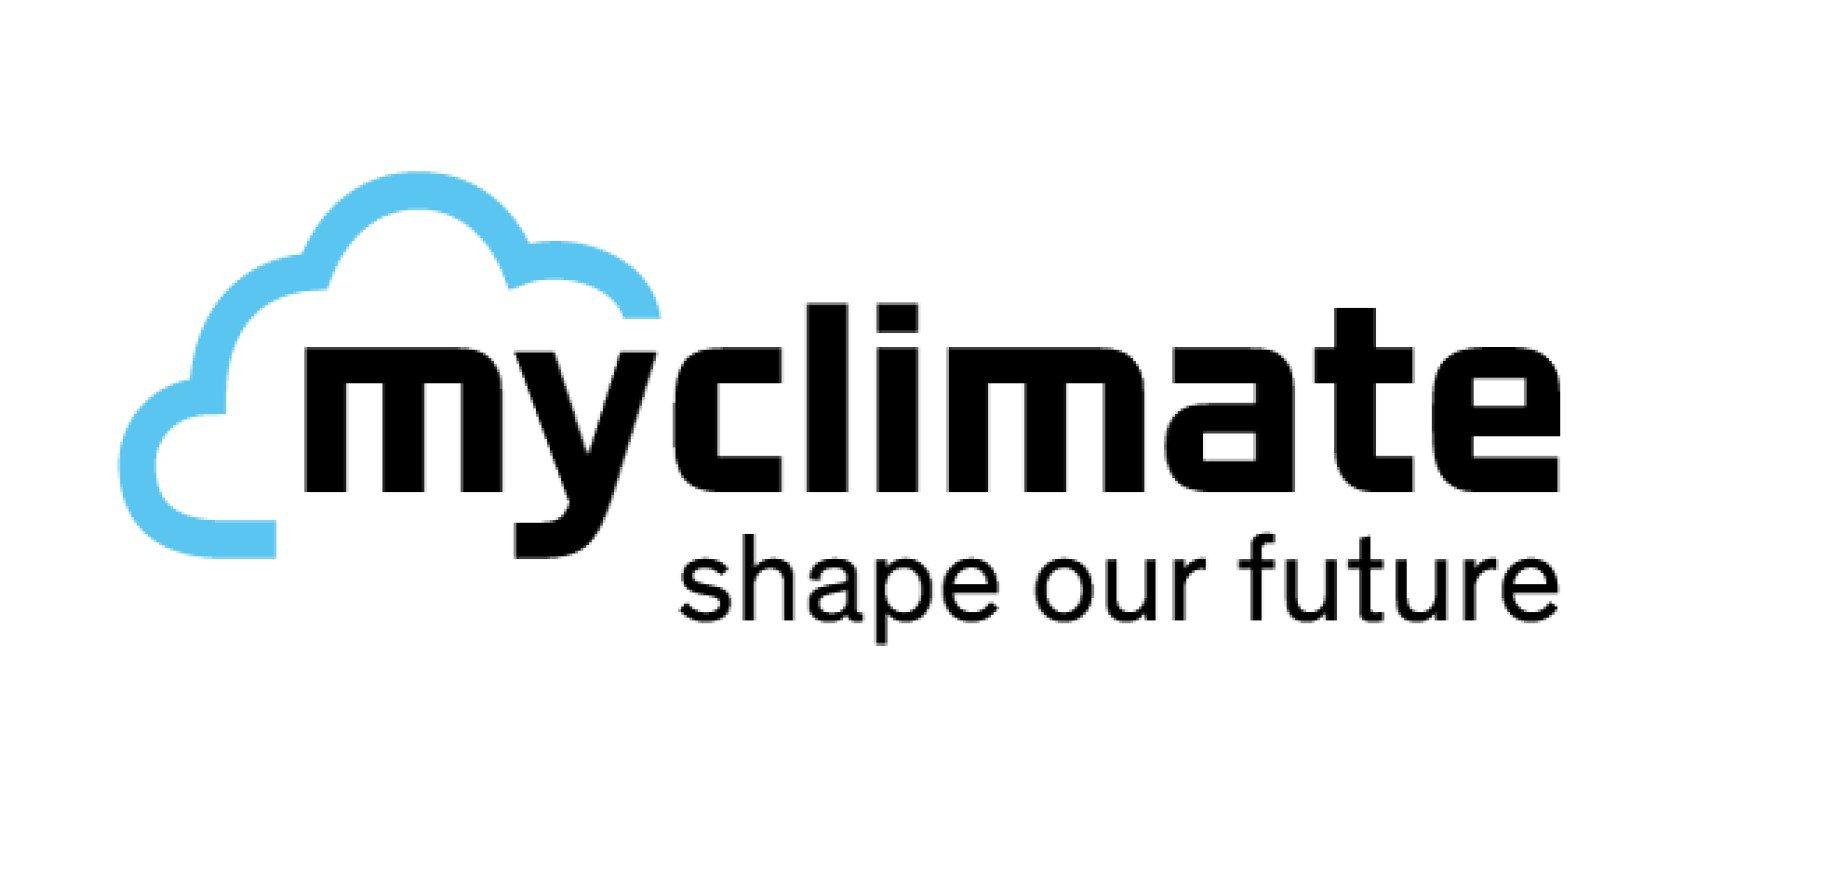 myclimate-logo-customised-centered.jpg